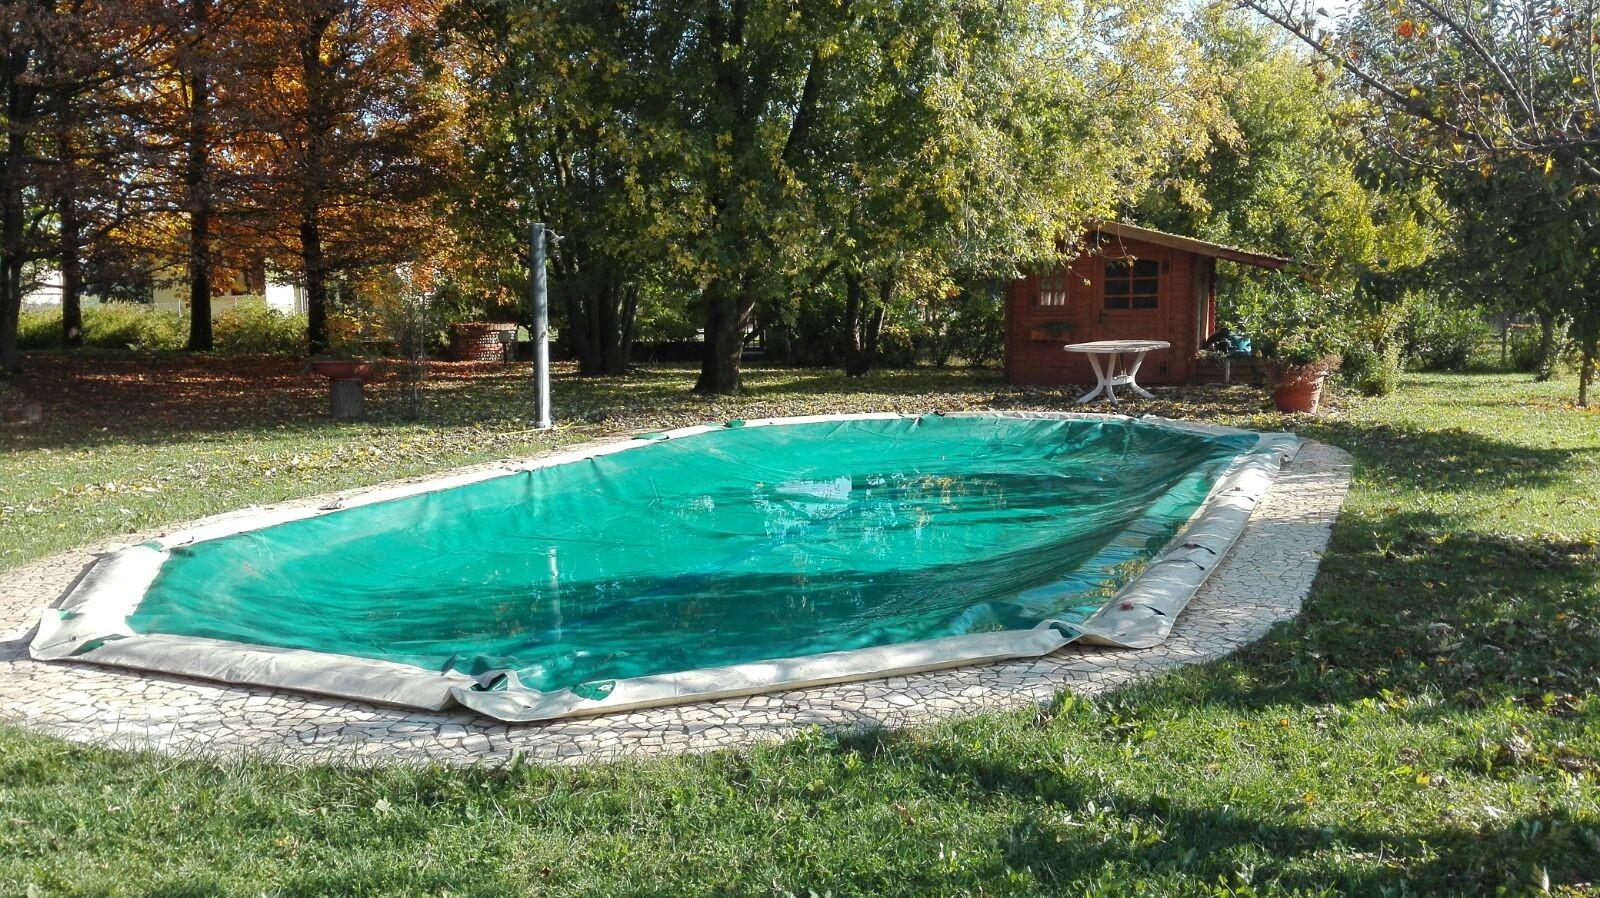 Chiusura della piscina in 5 semplici passaggi piscine for Clorazione piscine